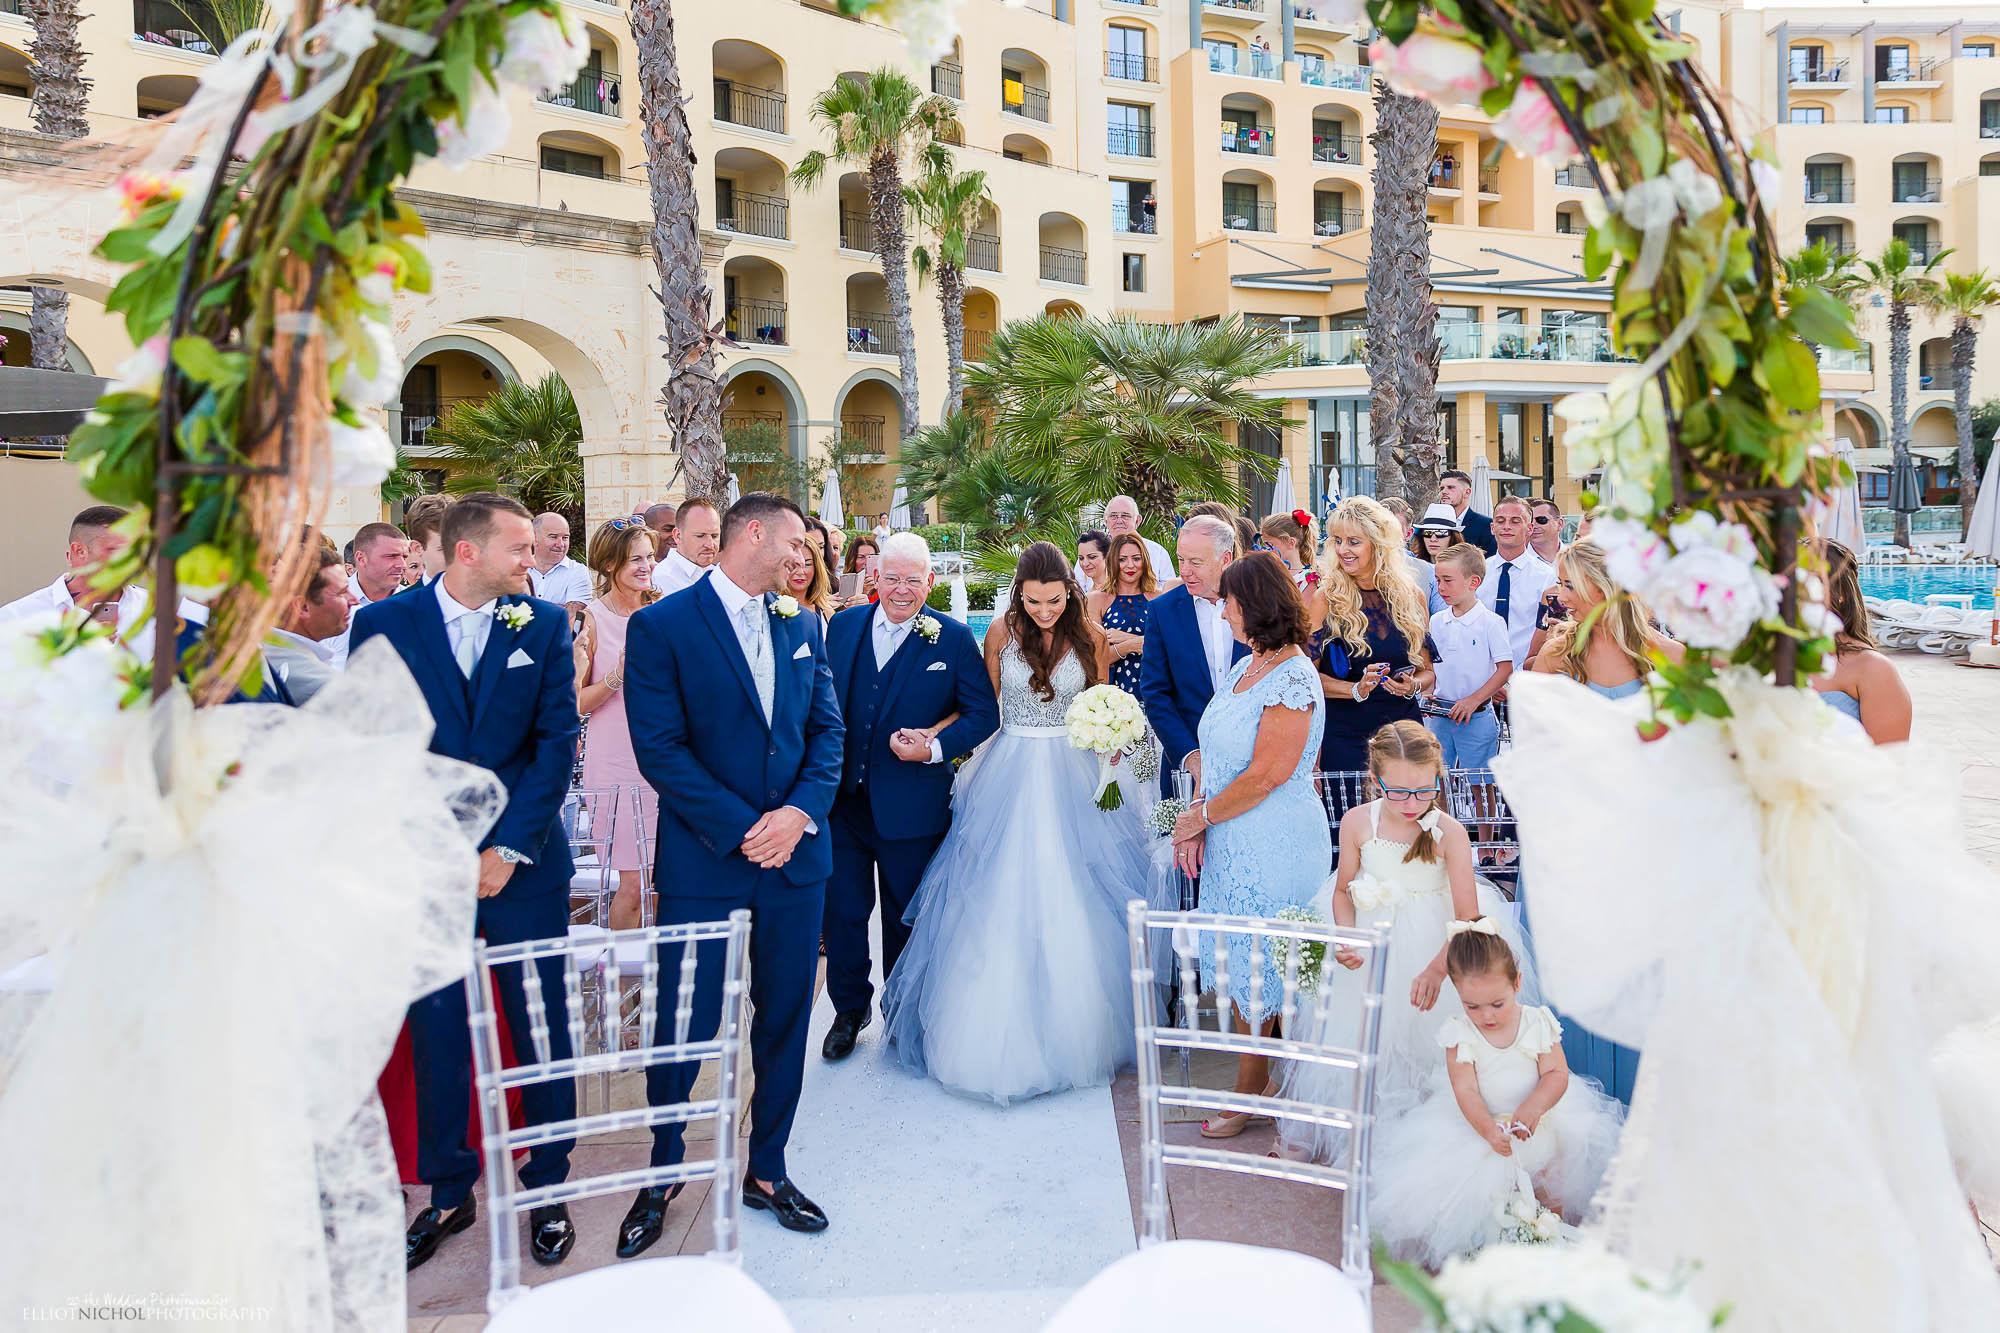 Bride arrives at her destination wedding ceremony in her blue wedding dress.